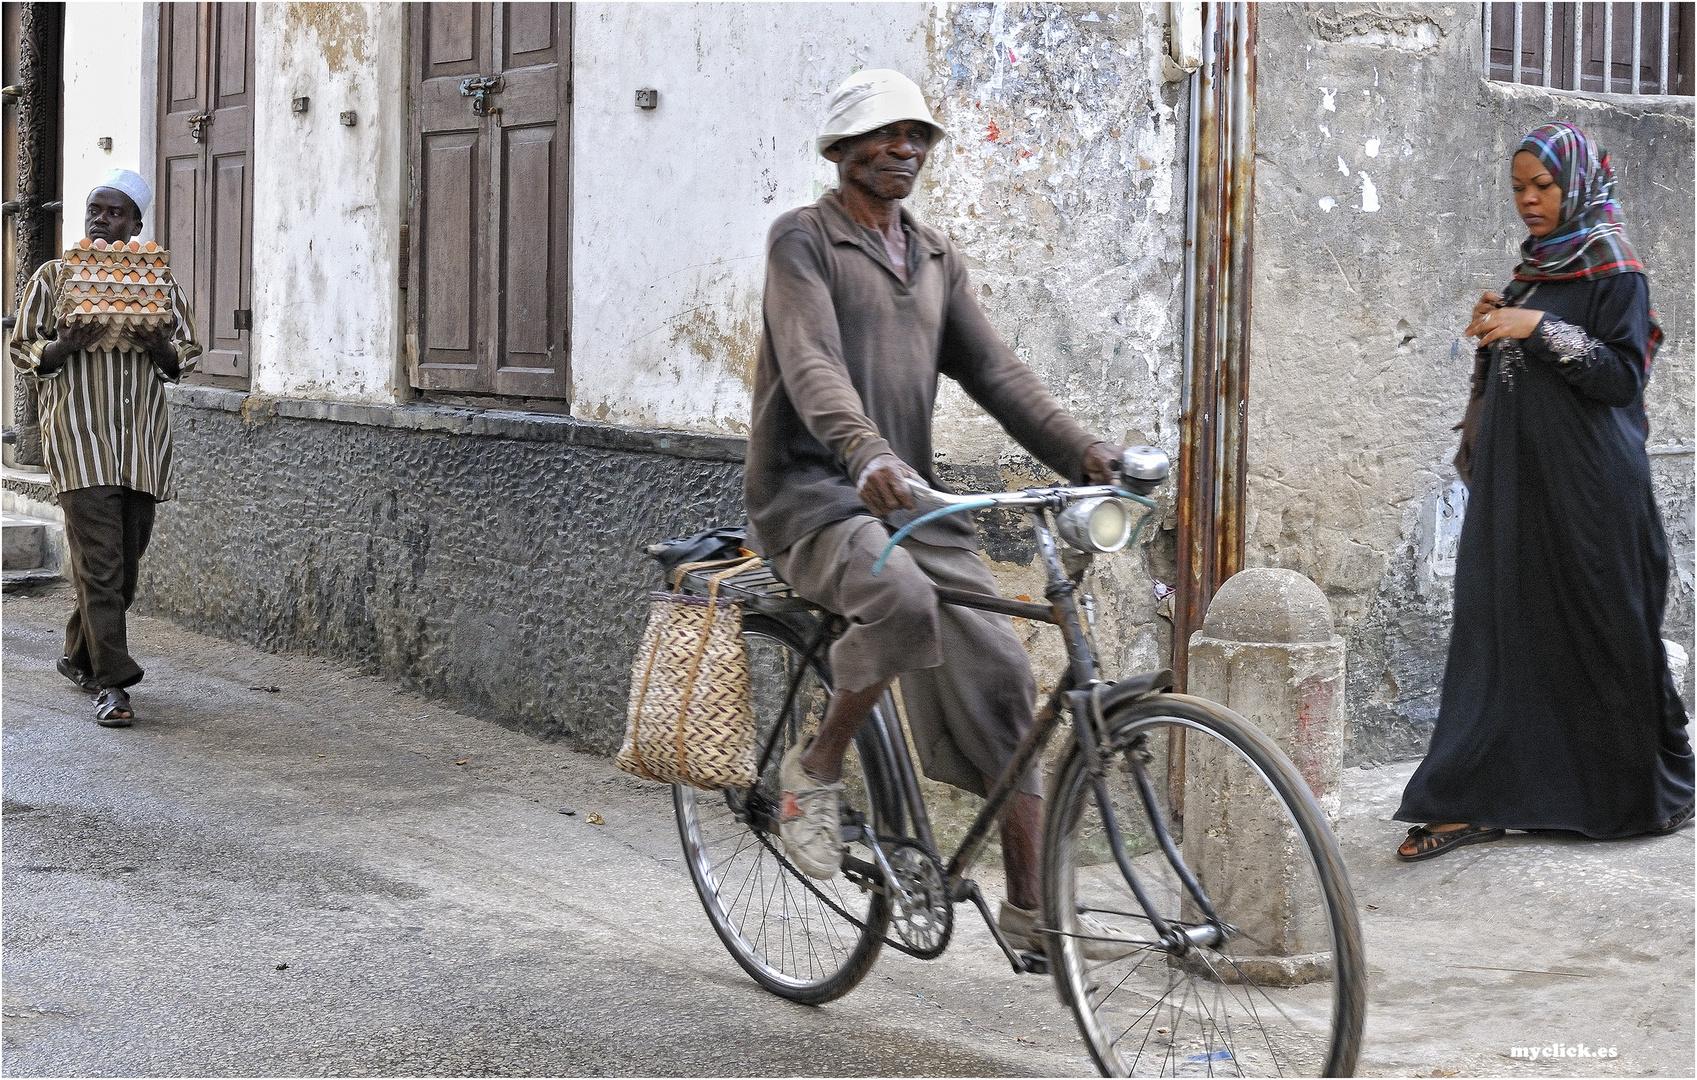 MEMORIAS DE AFRICA -EN LAS CALLES DE STONE TOWN -ZANZIBAR